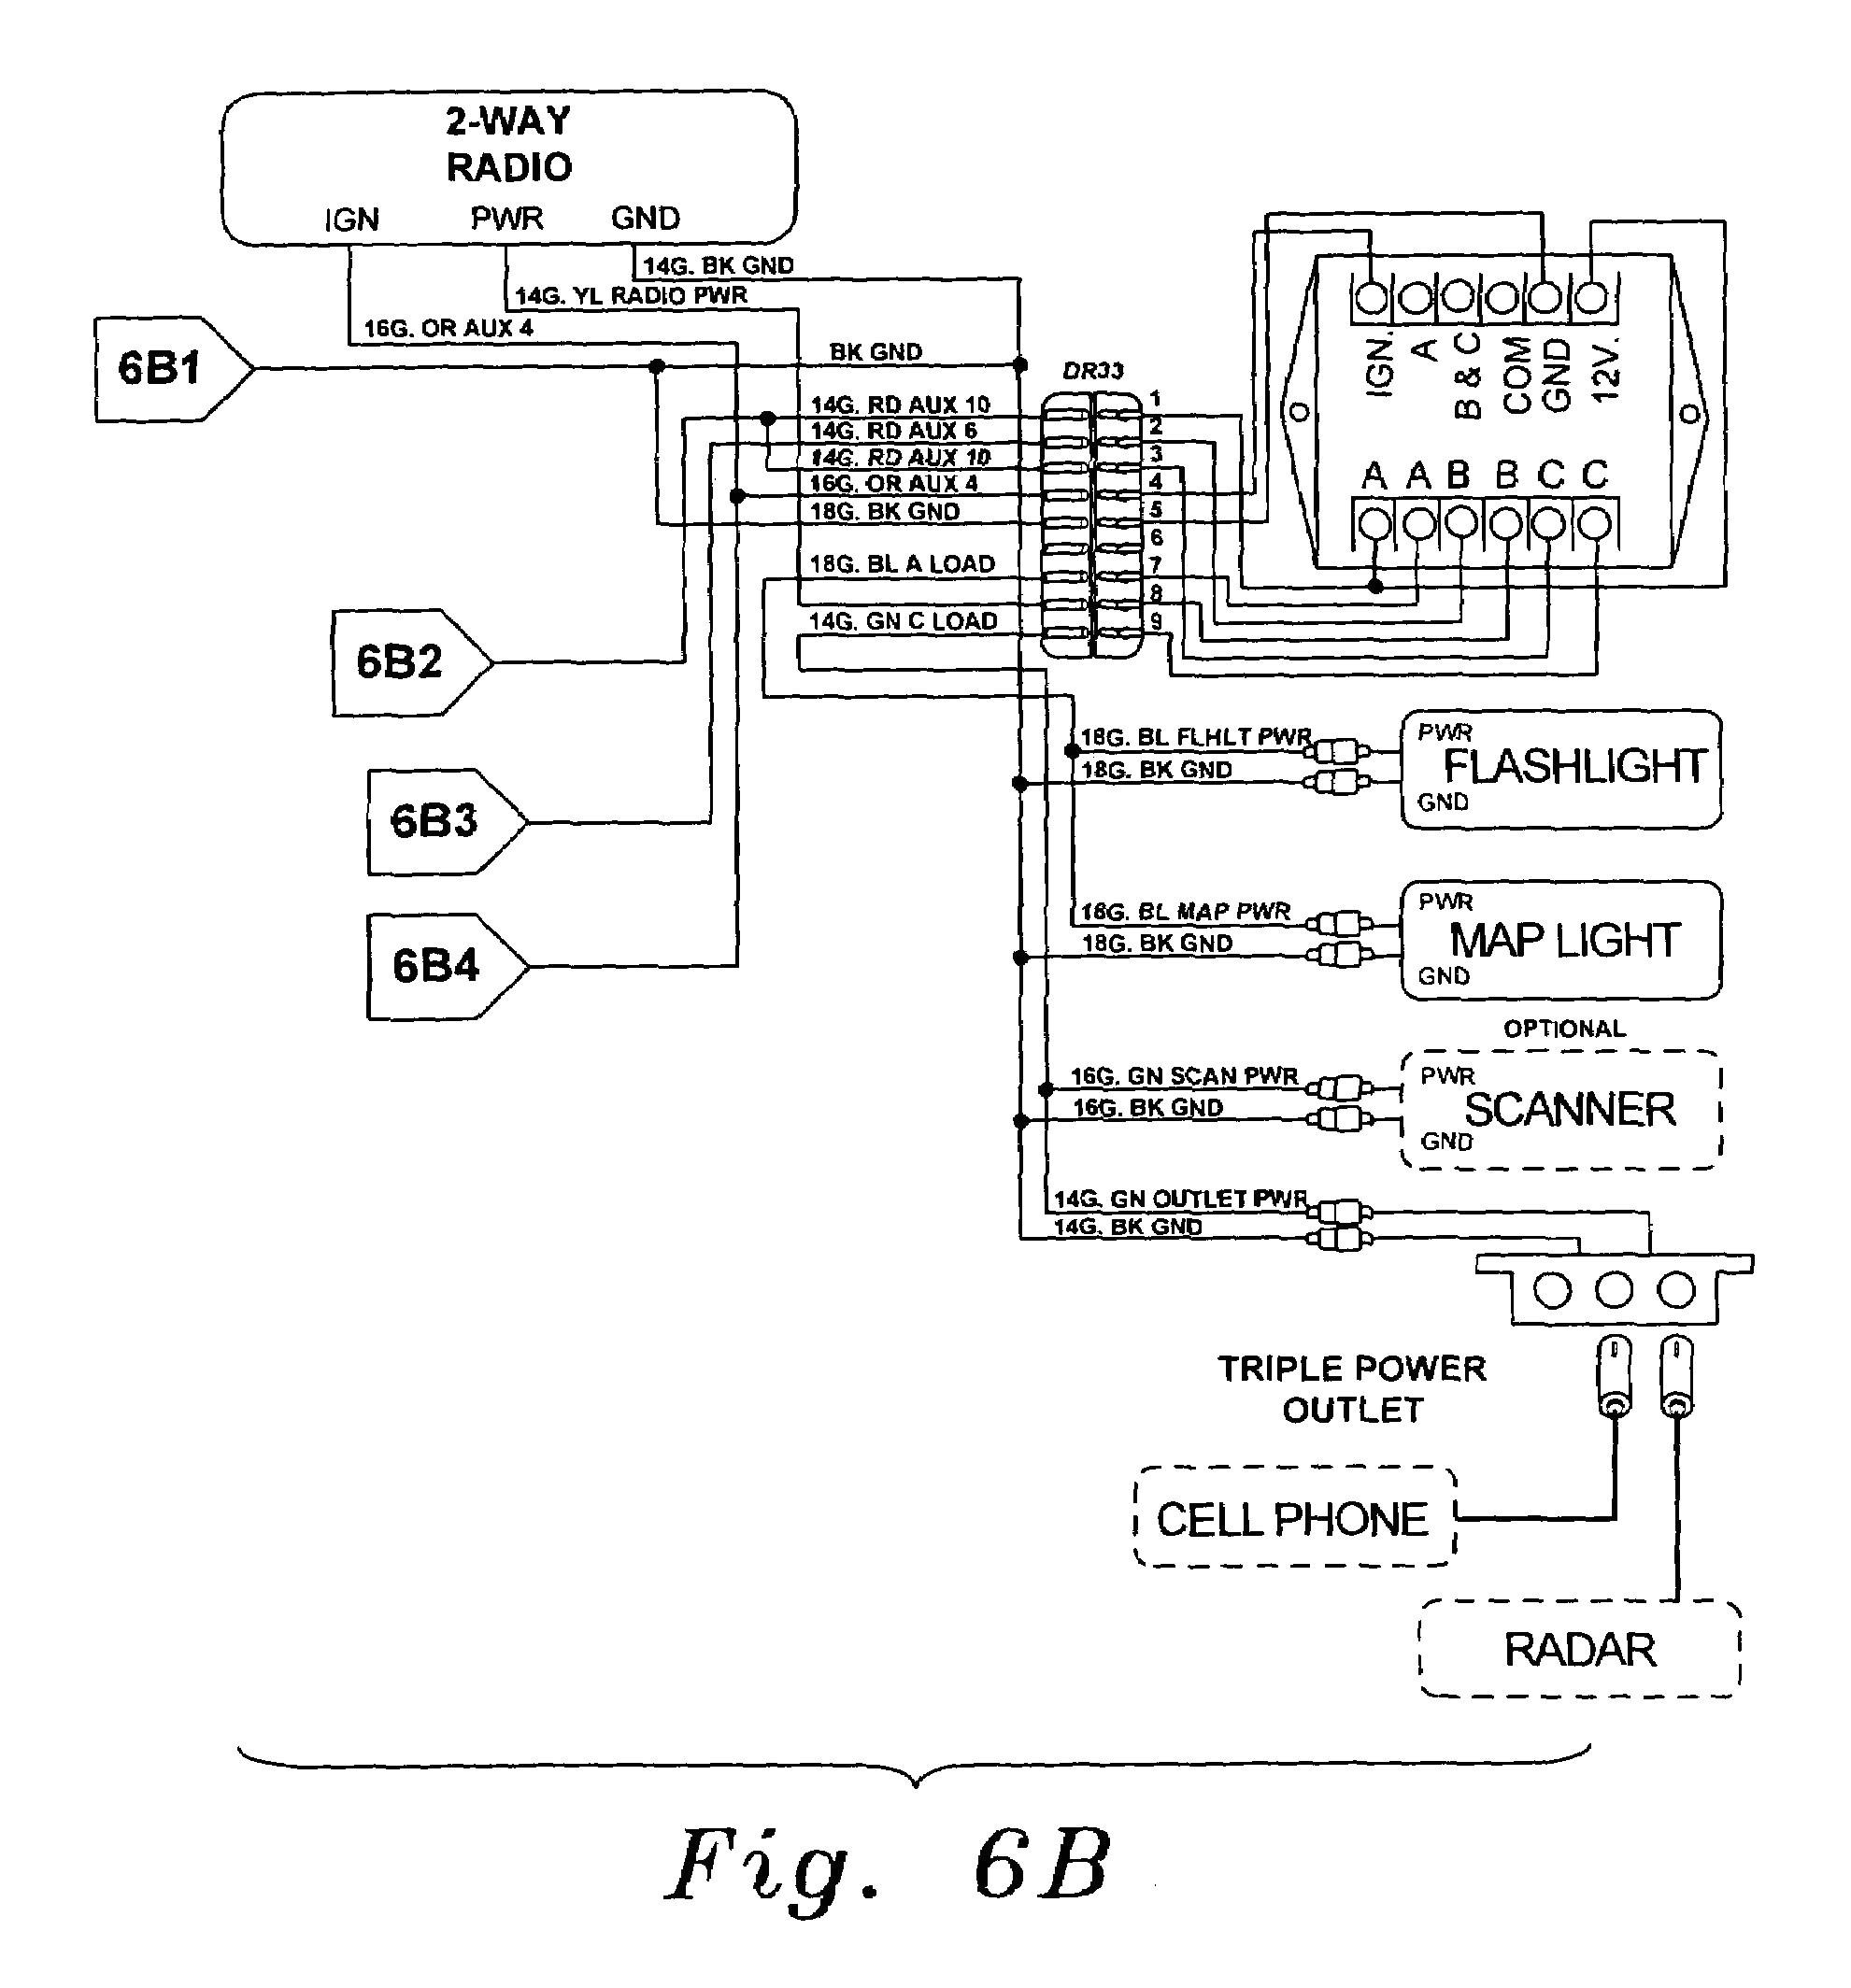 whelen mpc01 wiring diagram schema wiring diagramwhelen flasher wiring diagram wiring diagram review whelen mpc01 wiring